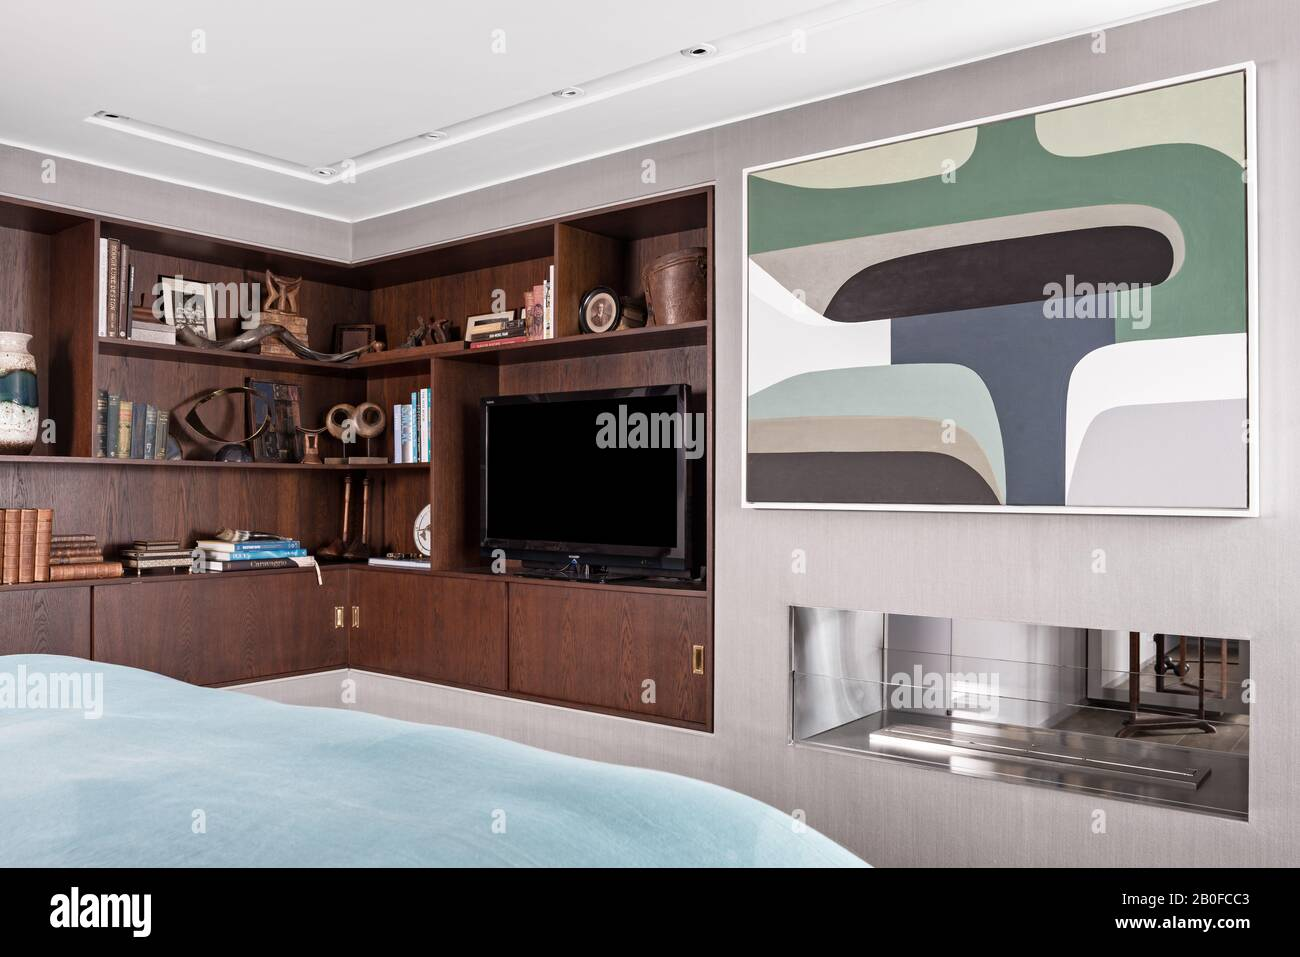 TV su scaffalature rivestite in legno e grandi opere d'arte nella camera da letto del moderno appartamento West London. Foto Stock